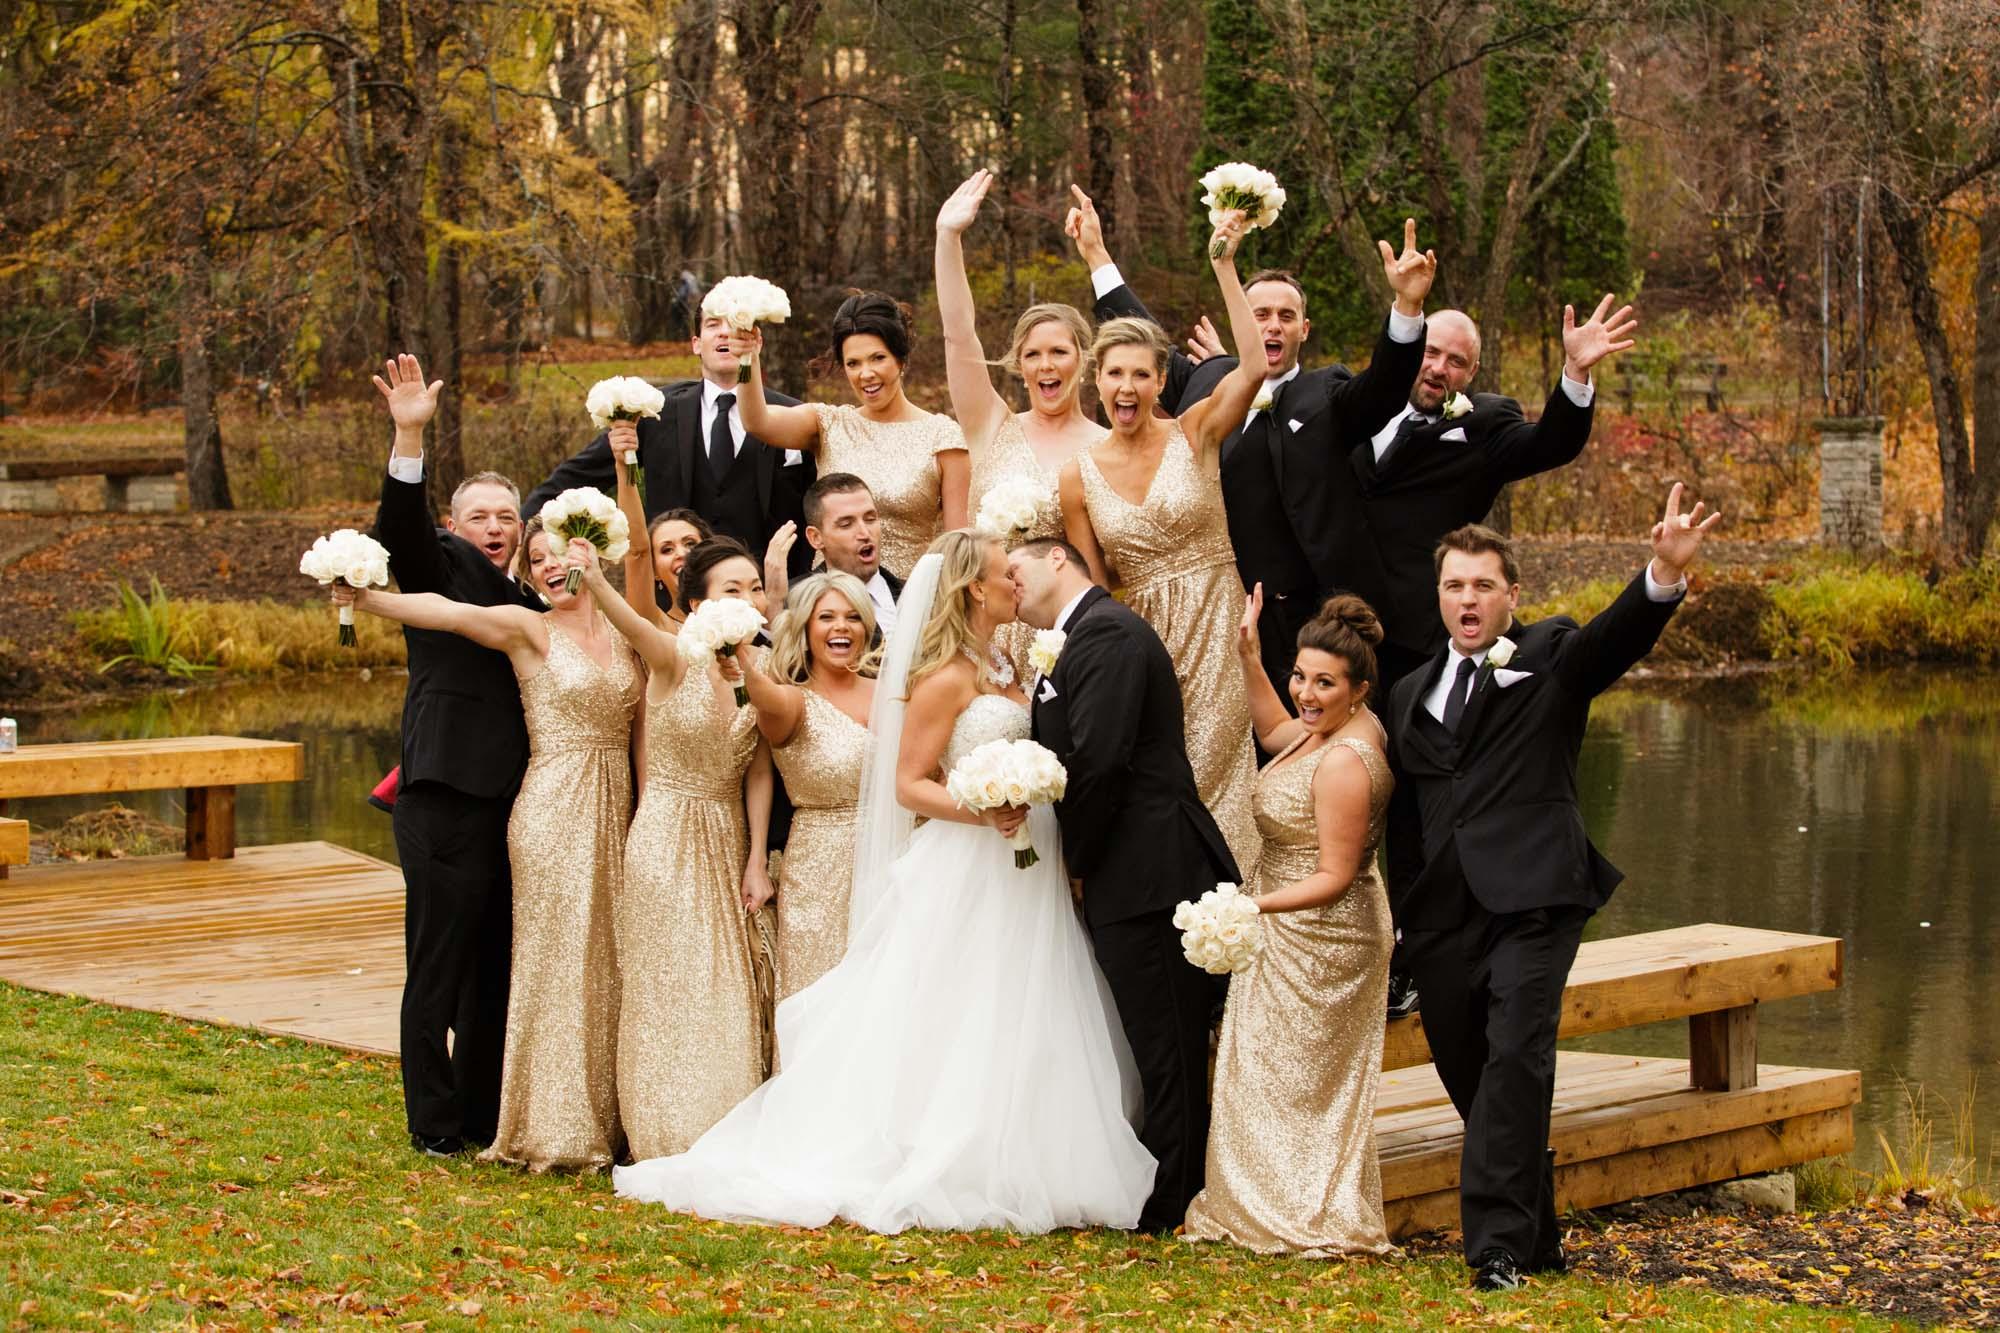 Bridal Party Kiss